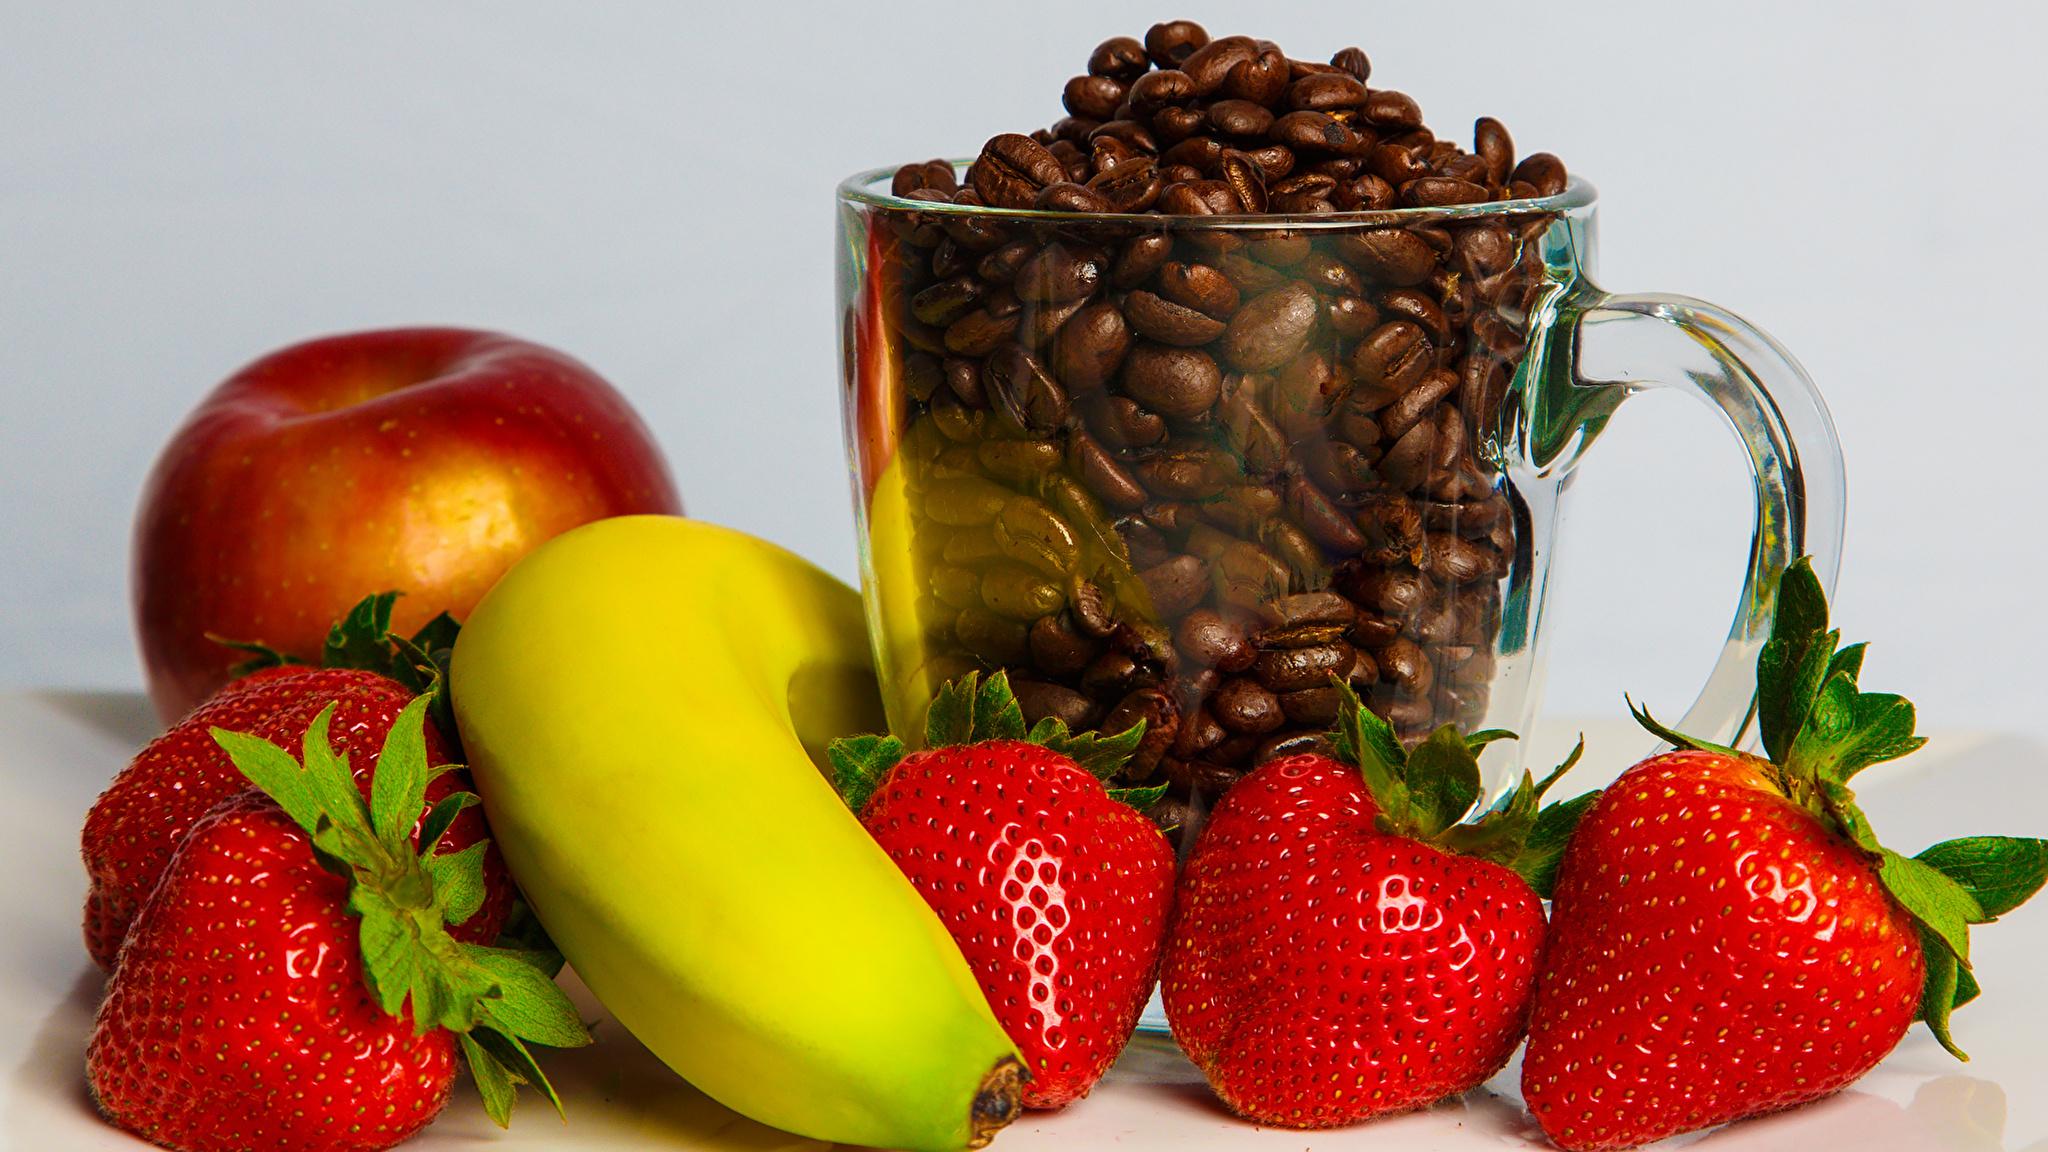 еда чай конфеты яблоки food tea candy apples  № 325877 загрузить